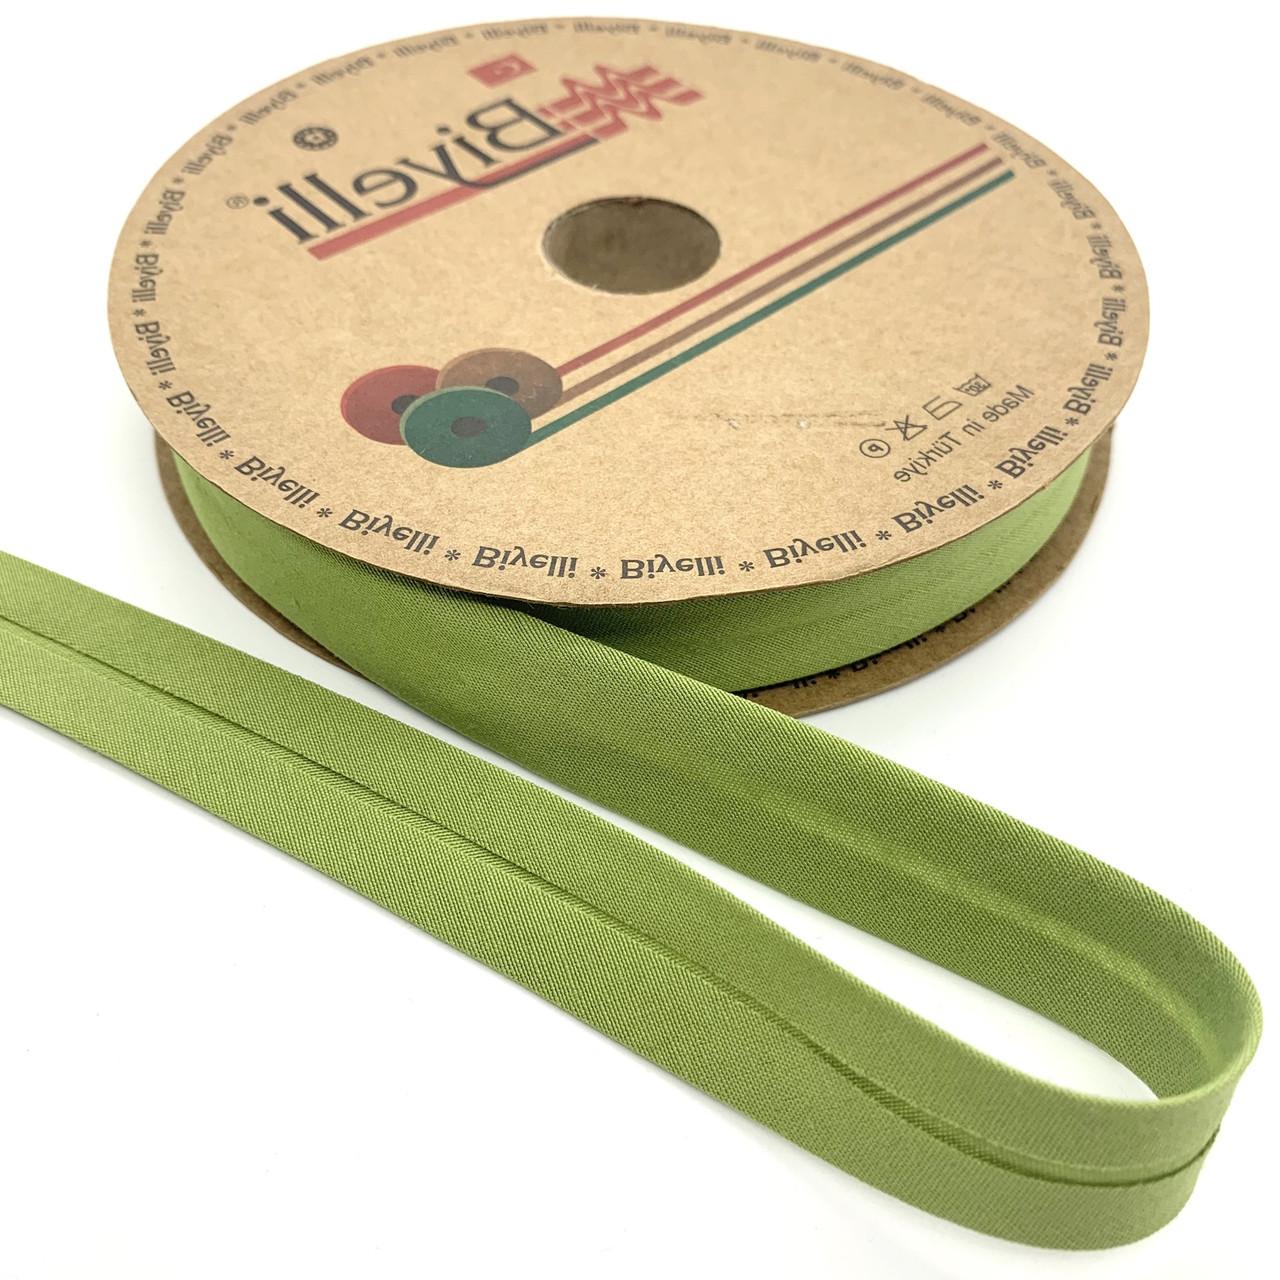 Бейка хлопковая салатовая 20 мм